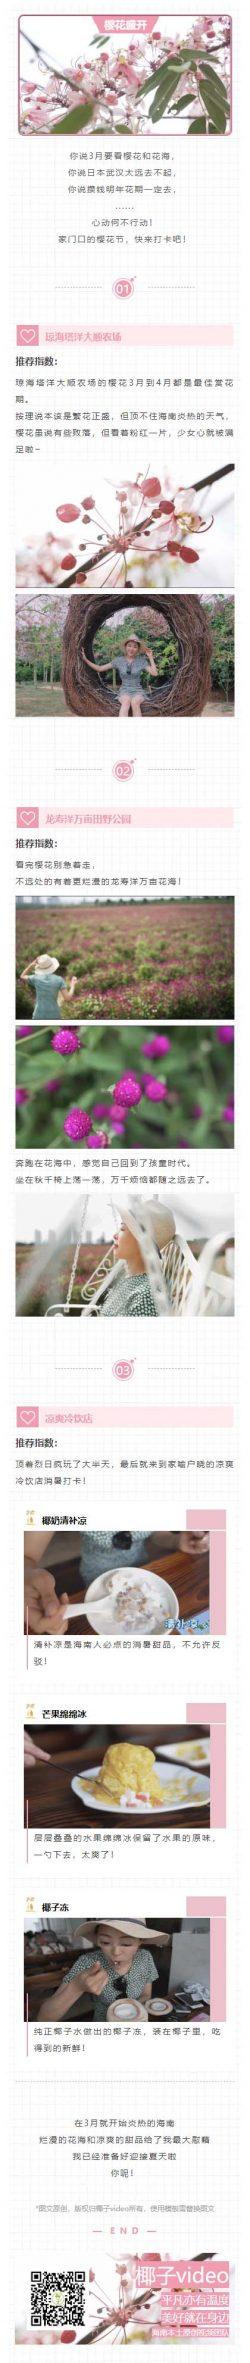 樱花和花海春天粉红色风格模板微信推送素材